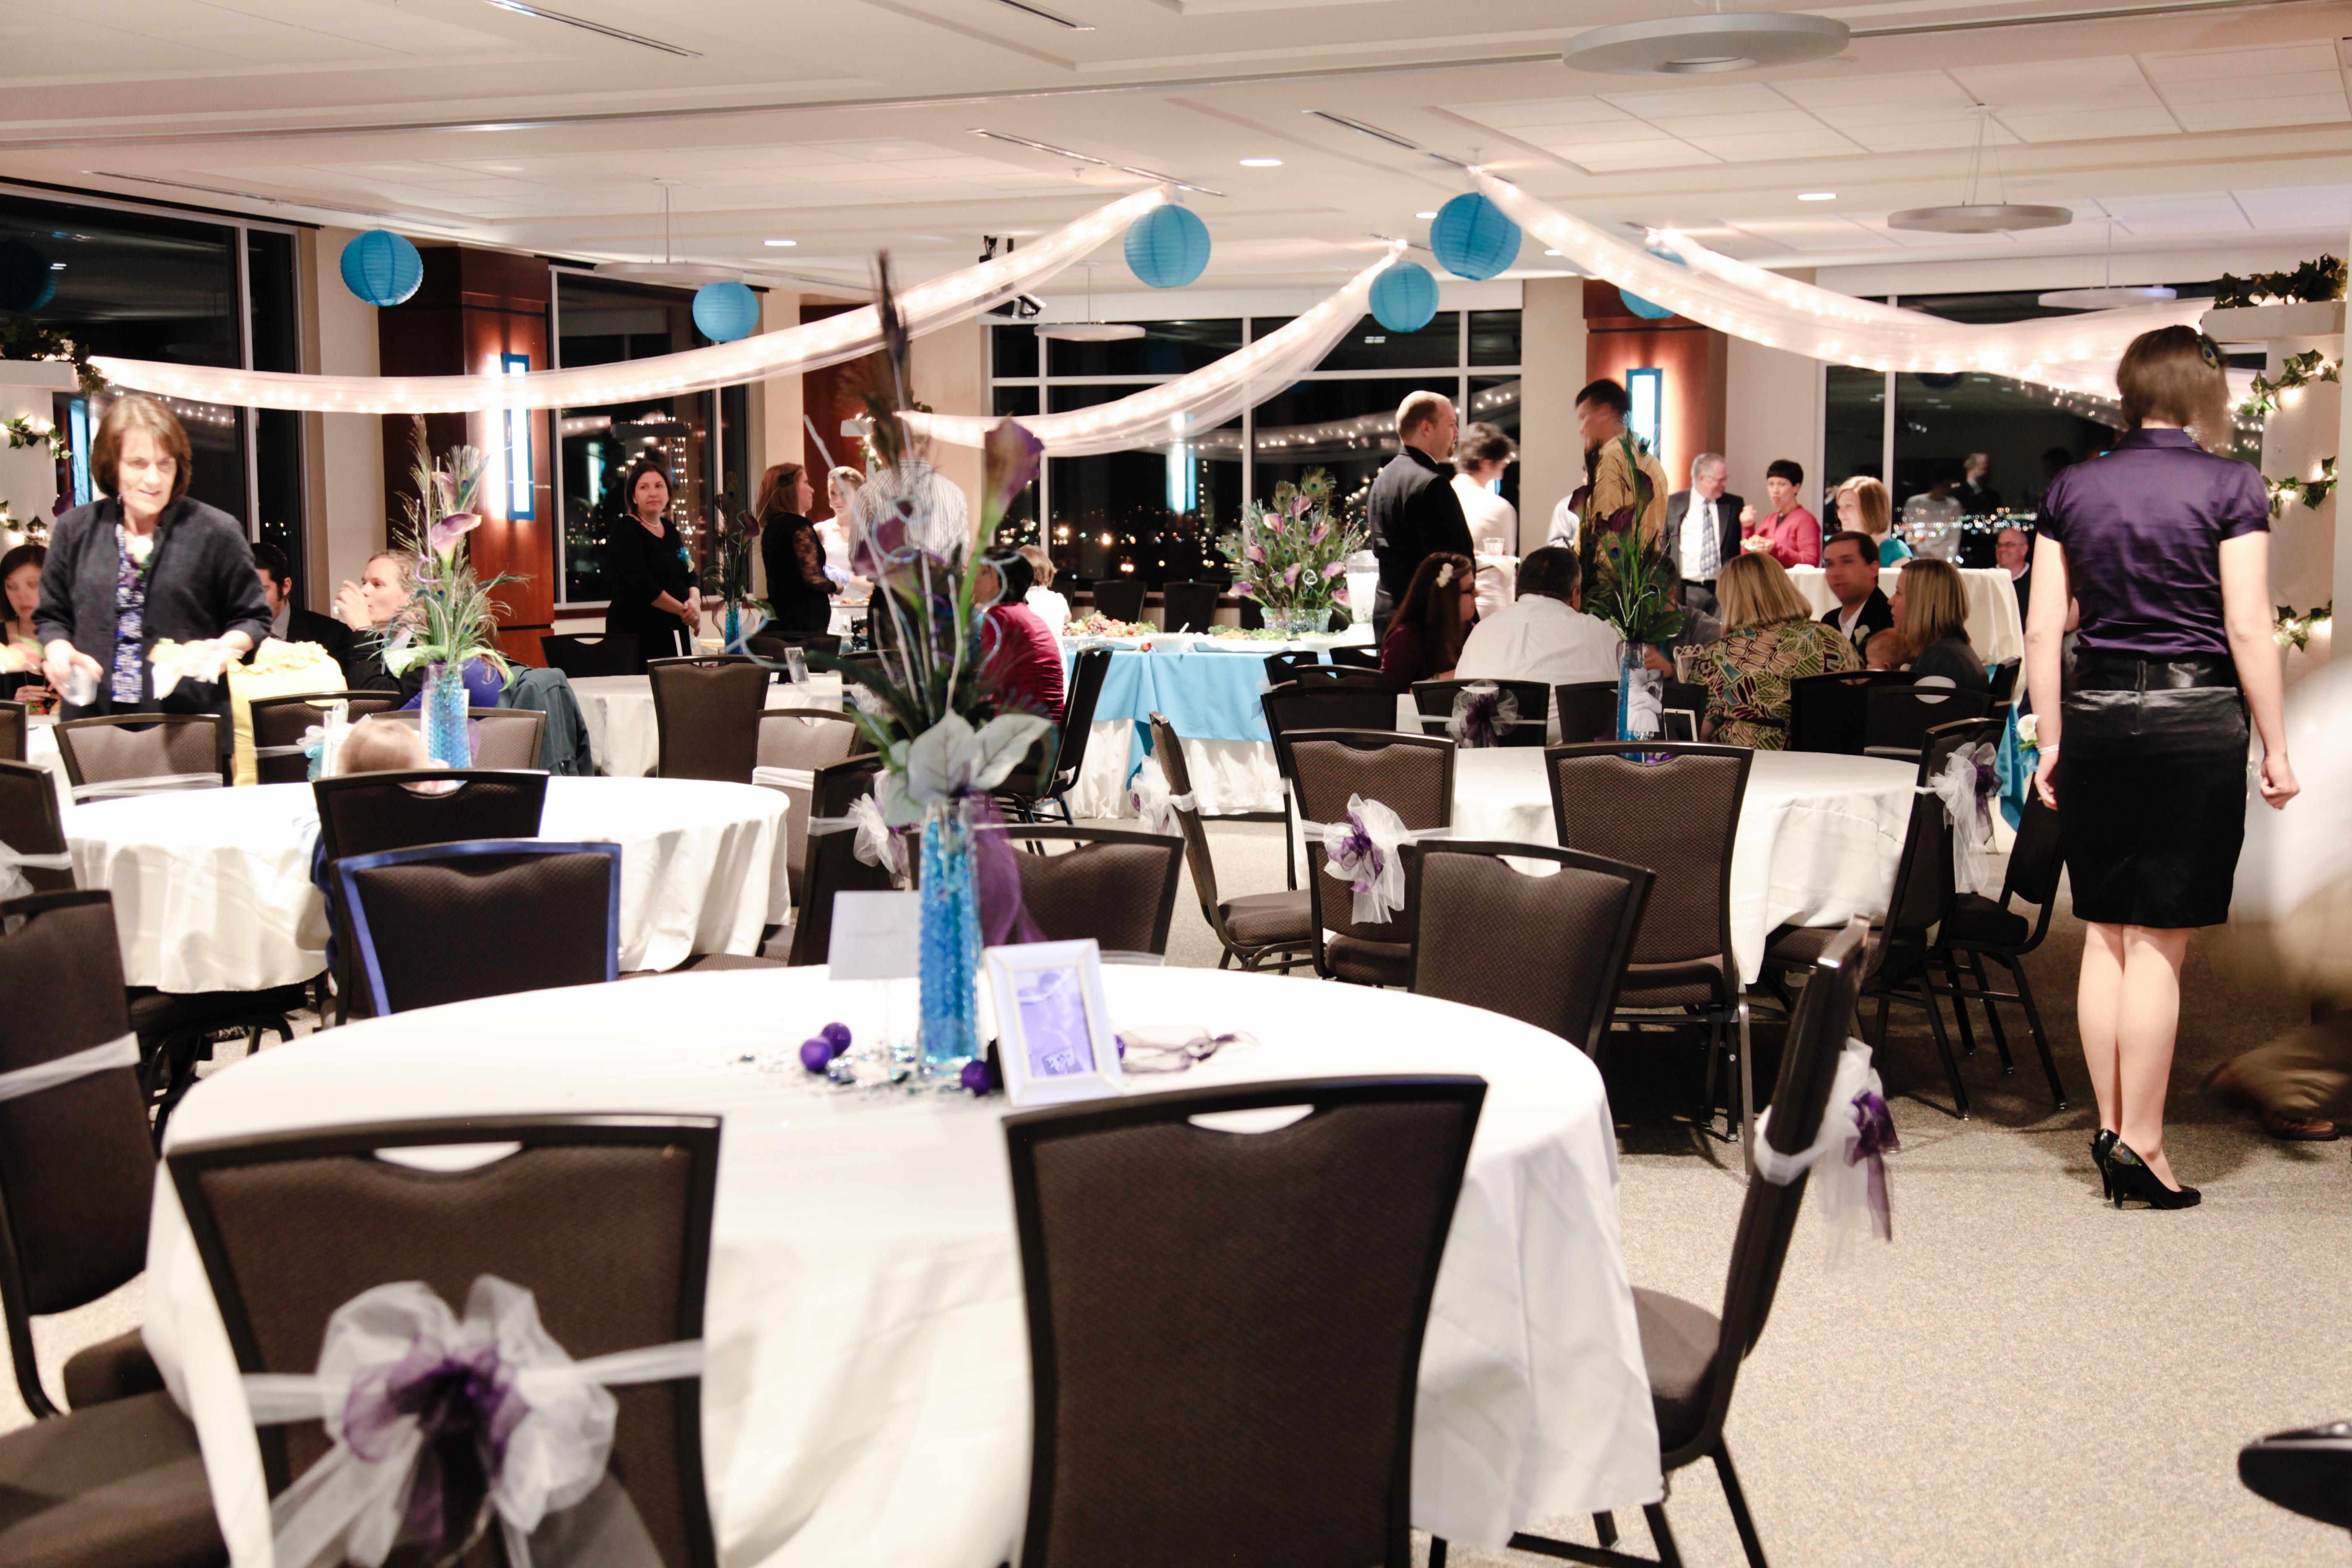 Festa pode ser feita na empresa mesmo (Foto: Divulgação)